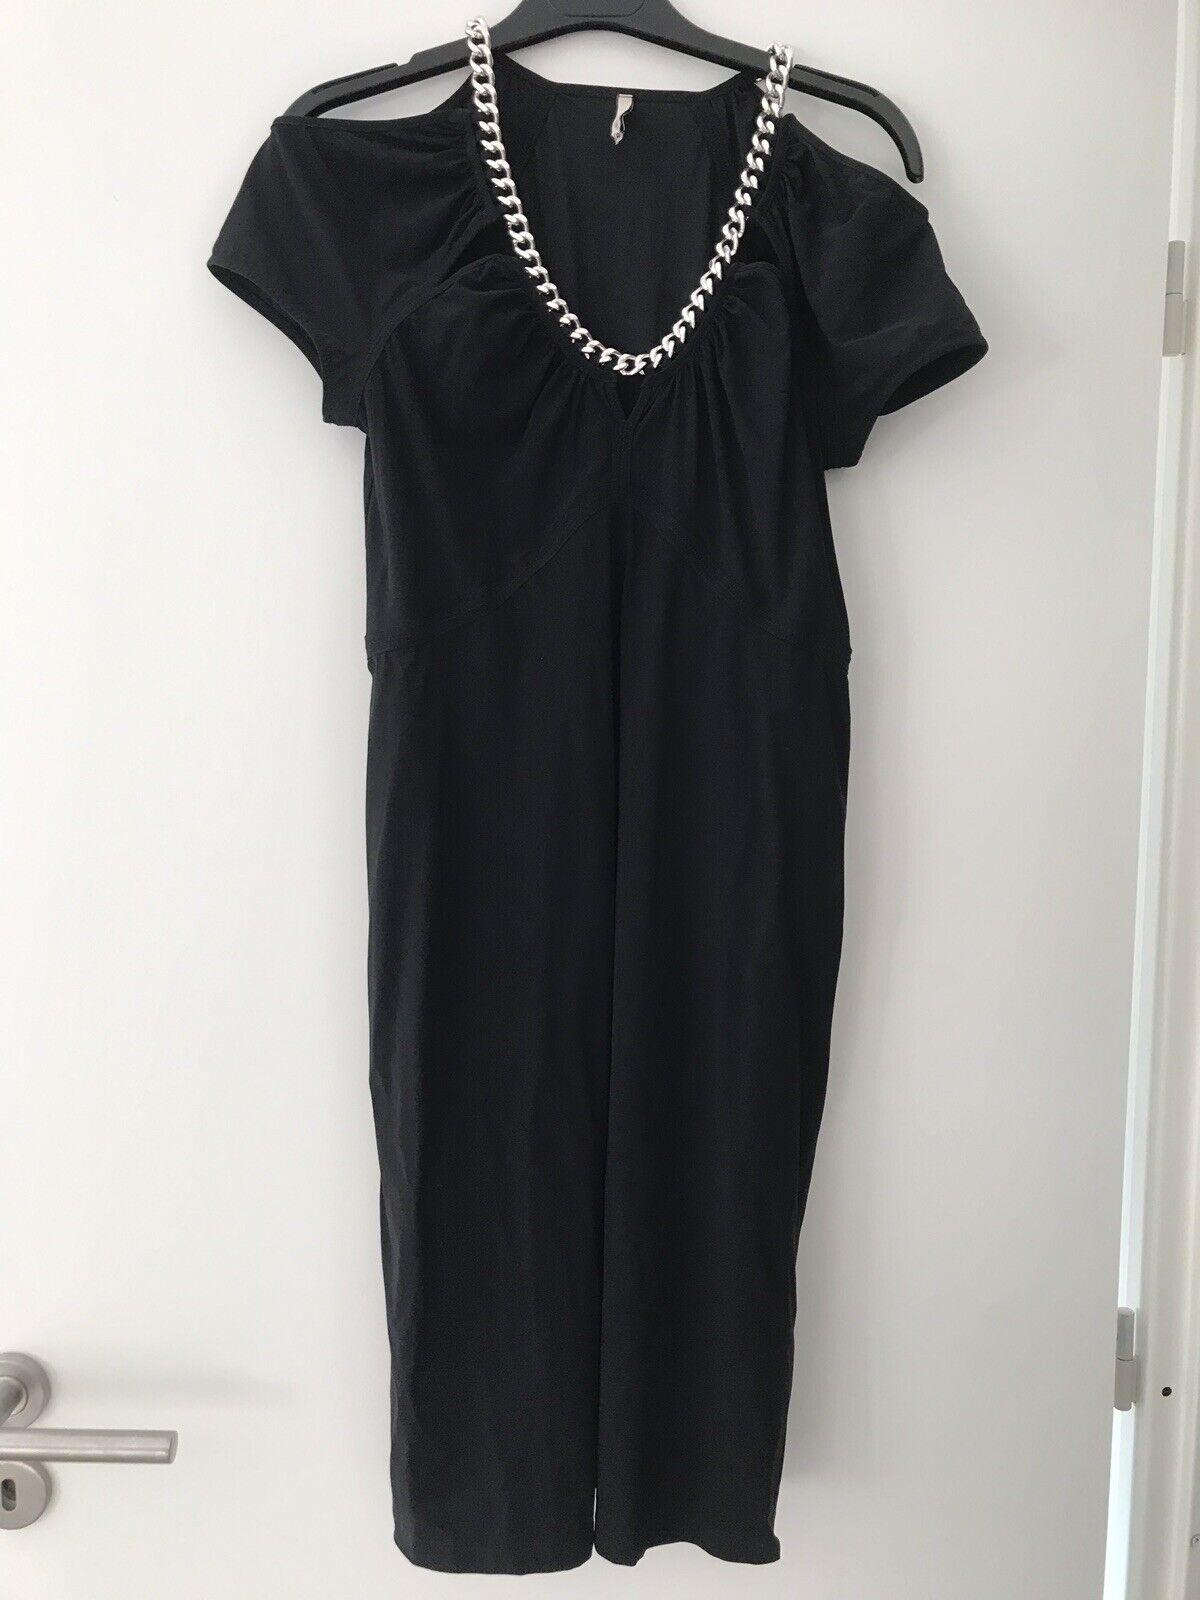 Robe schwarze Indies neuve - Größe 40